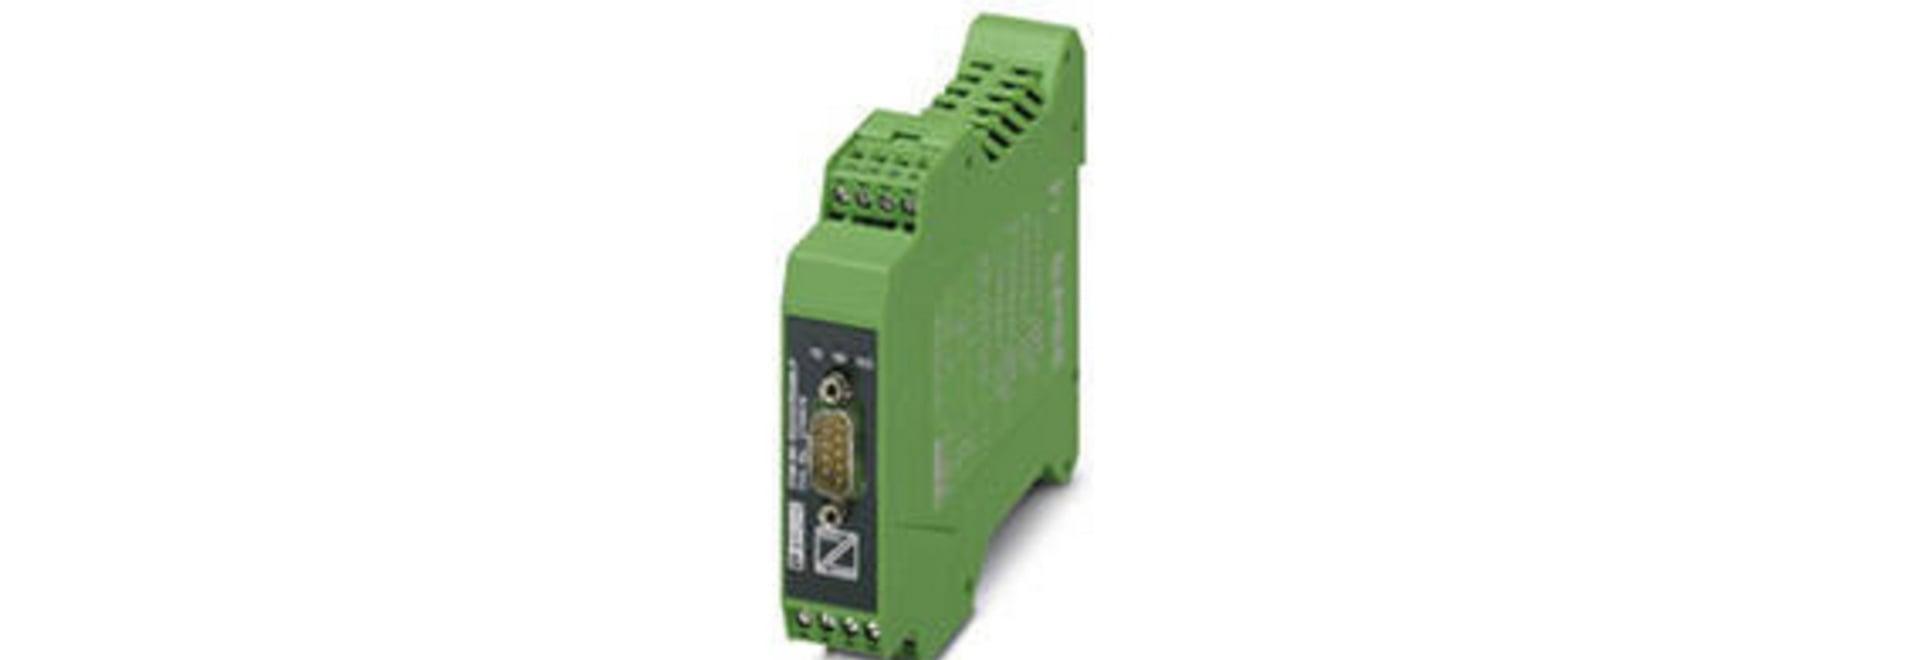 Perle Launches RS232 al convertidor serial RS485 con el aislamiento eléctrico